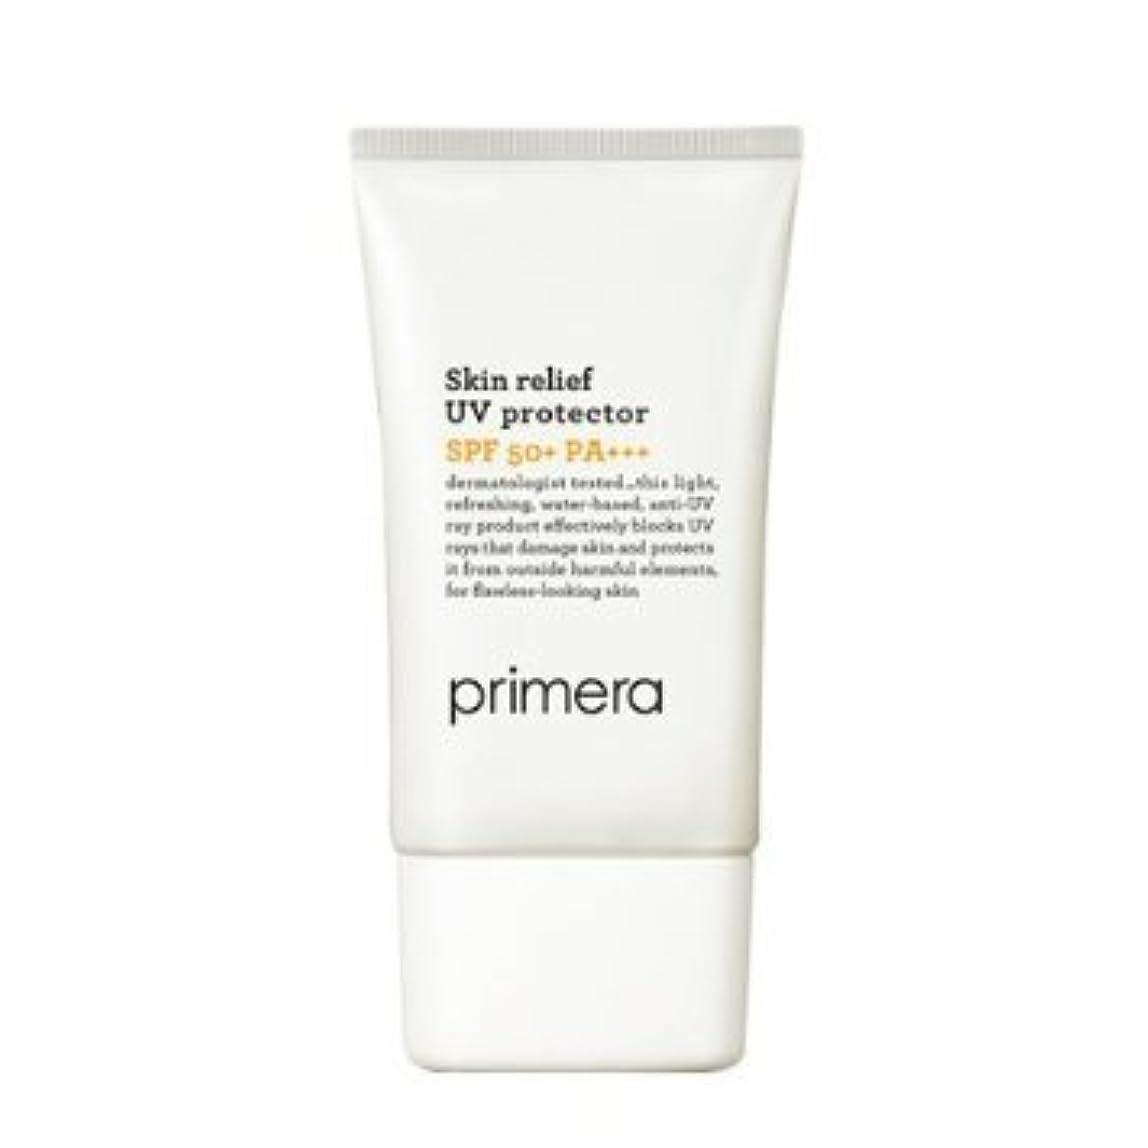 紳士気取りの、きざなかんたんほのめかすKorean Cosmetics, Amorepacific Primera Skin Relief UV Protector SPF50+ PA+++ 50ml[行輸入品]